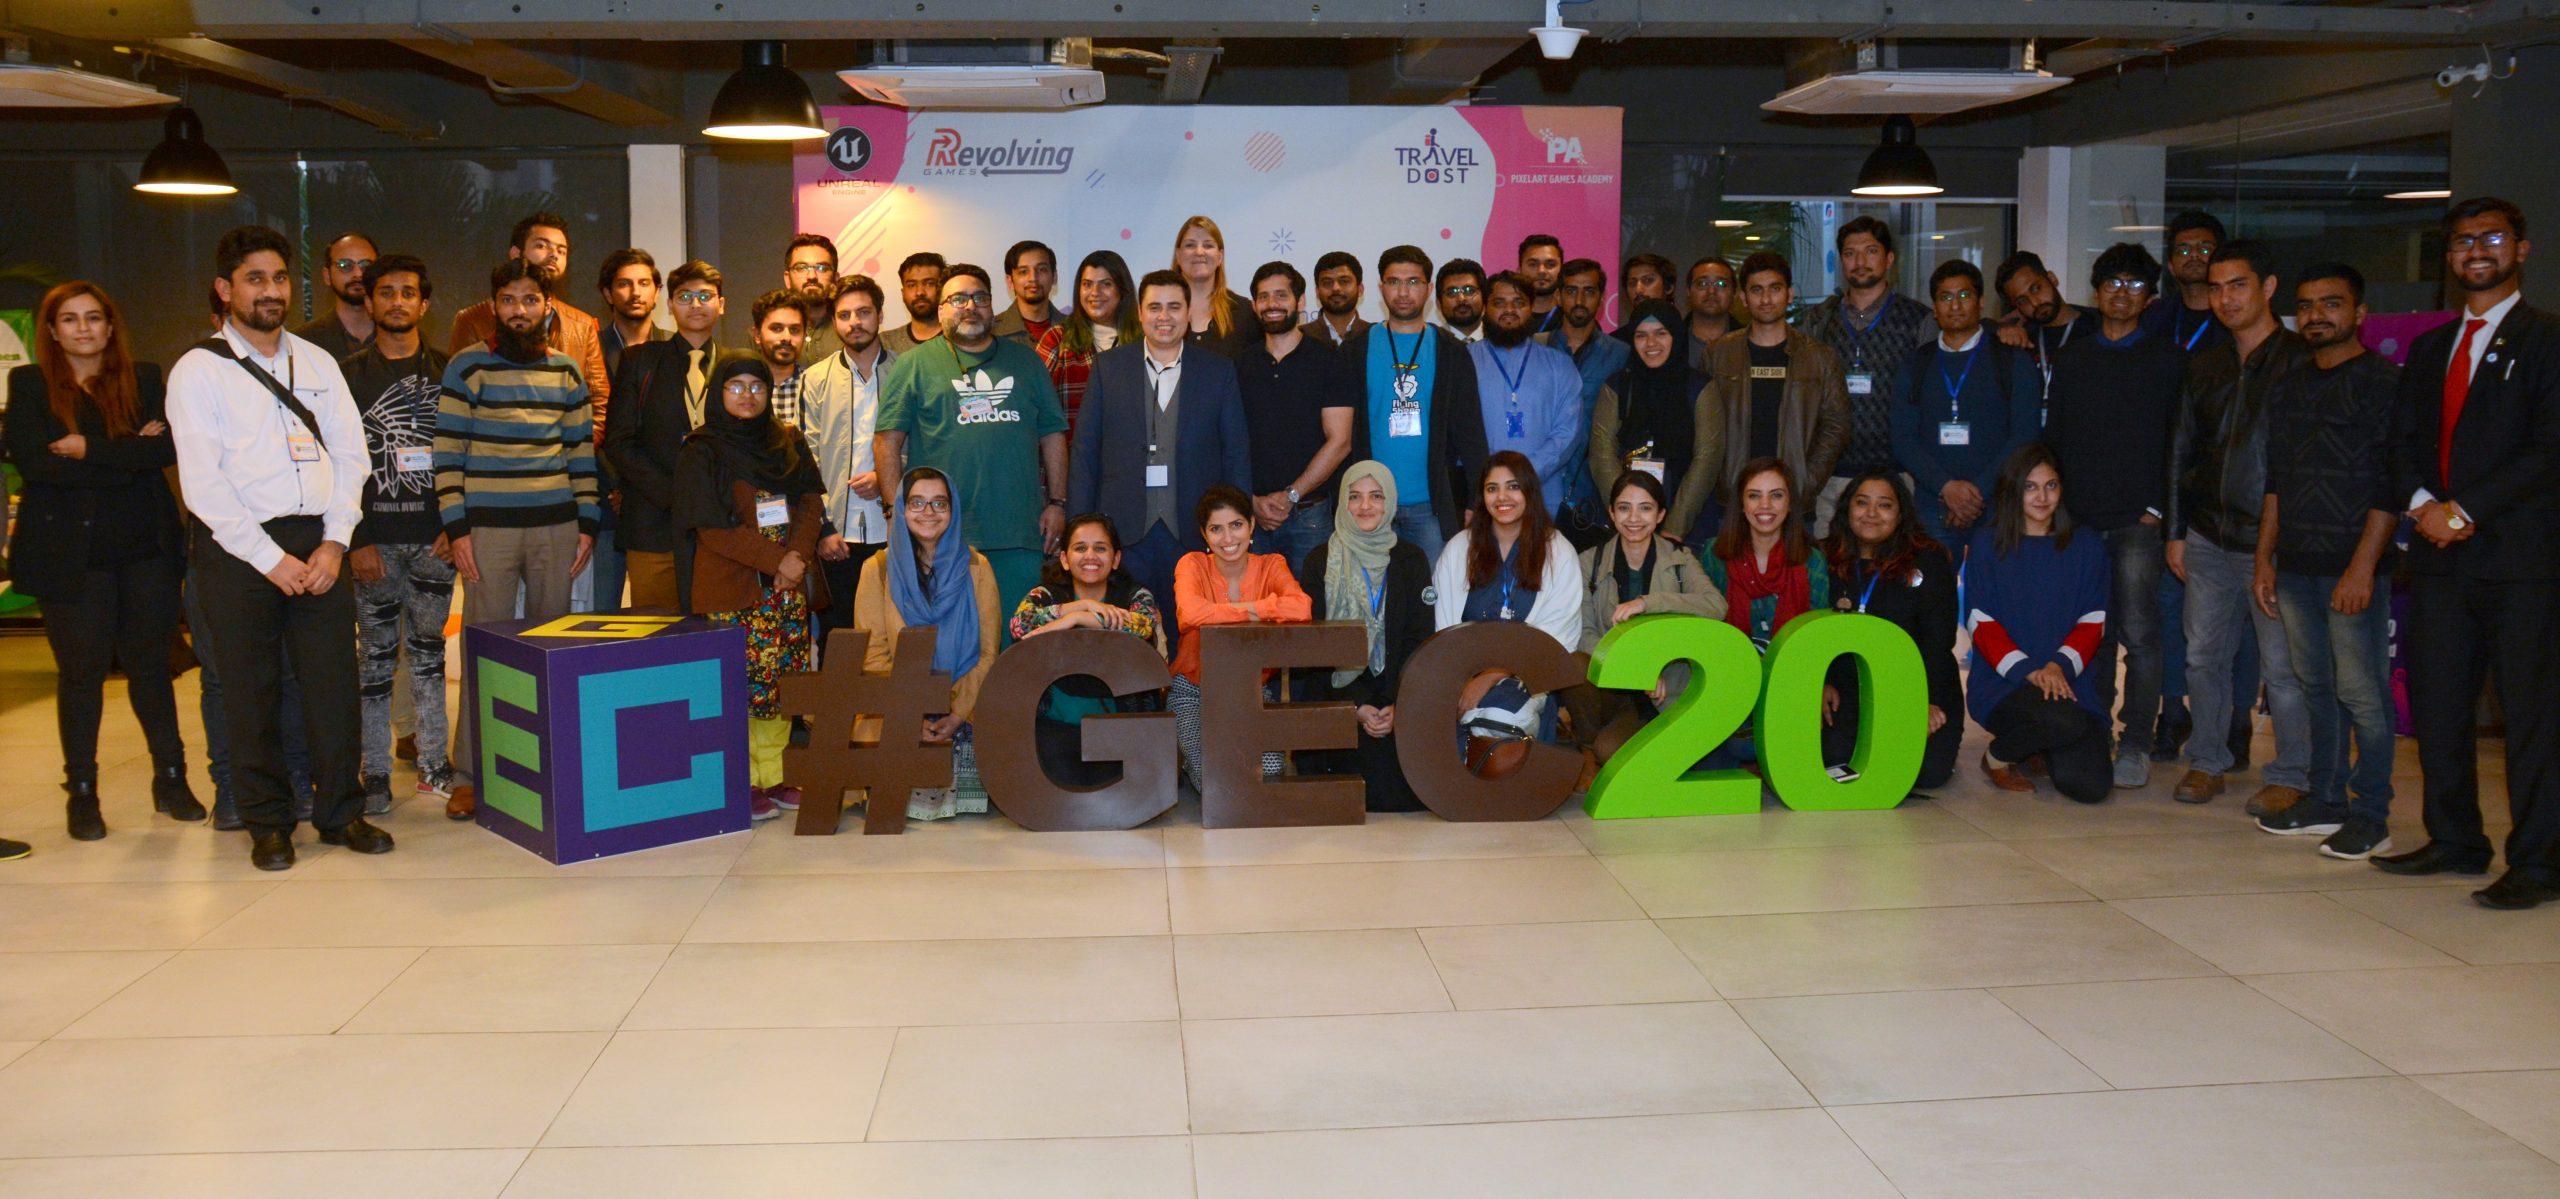 GEC-2020-TechJuice